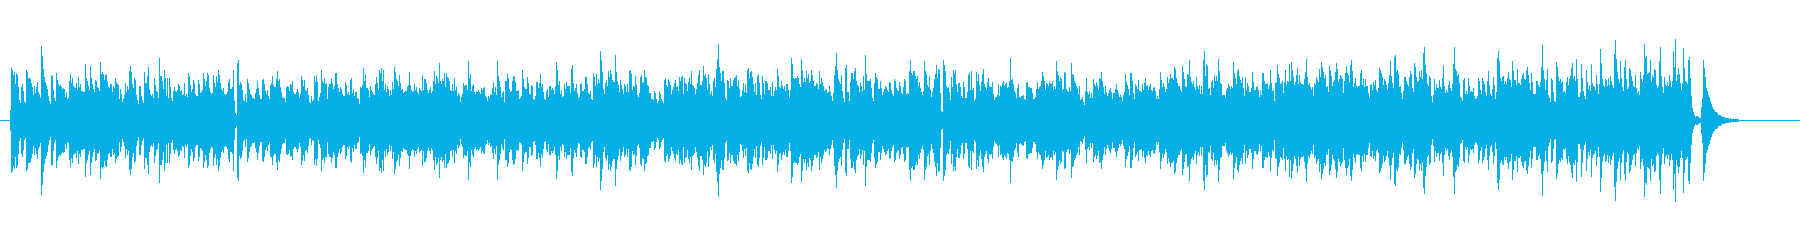 スイング感あふれる明るめのジャズナンバーの再生済みの波形